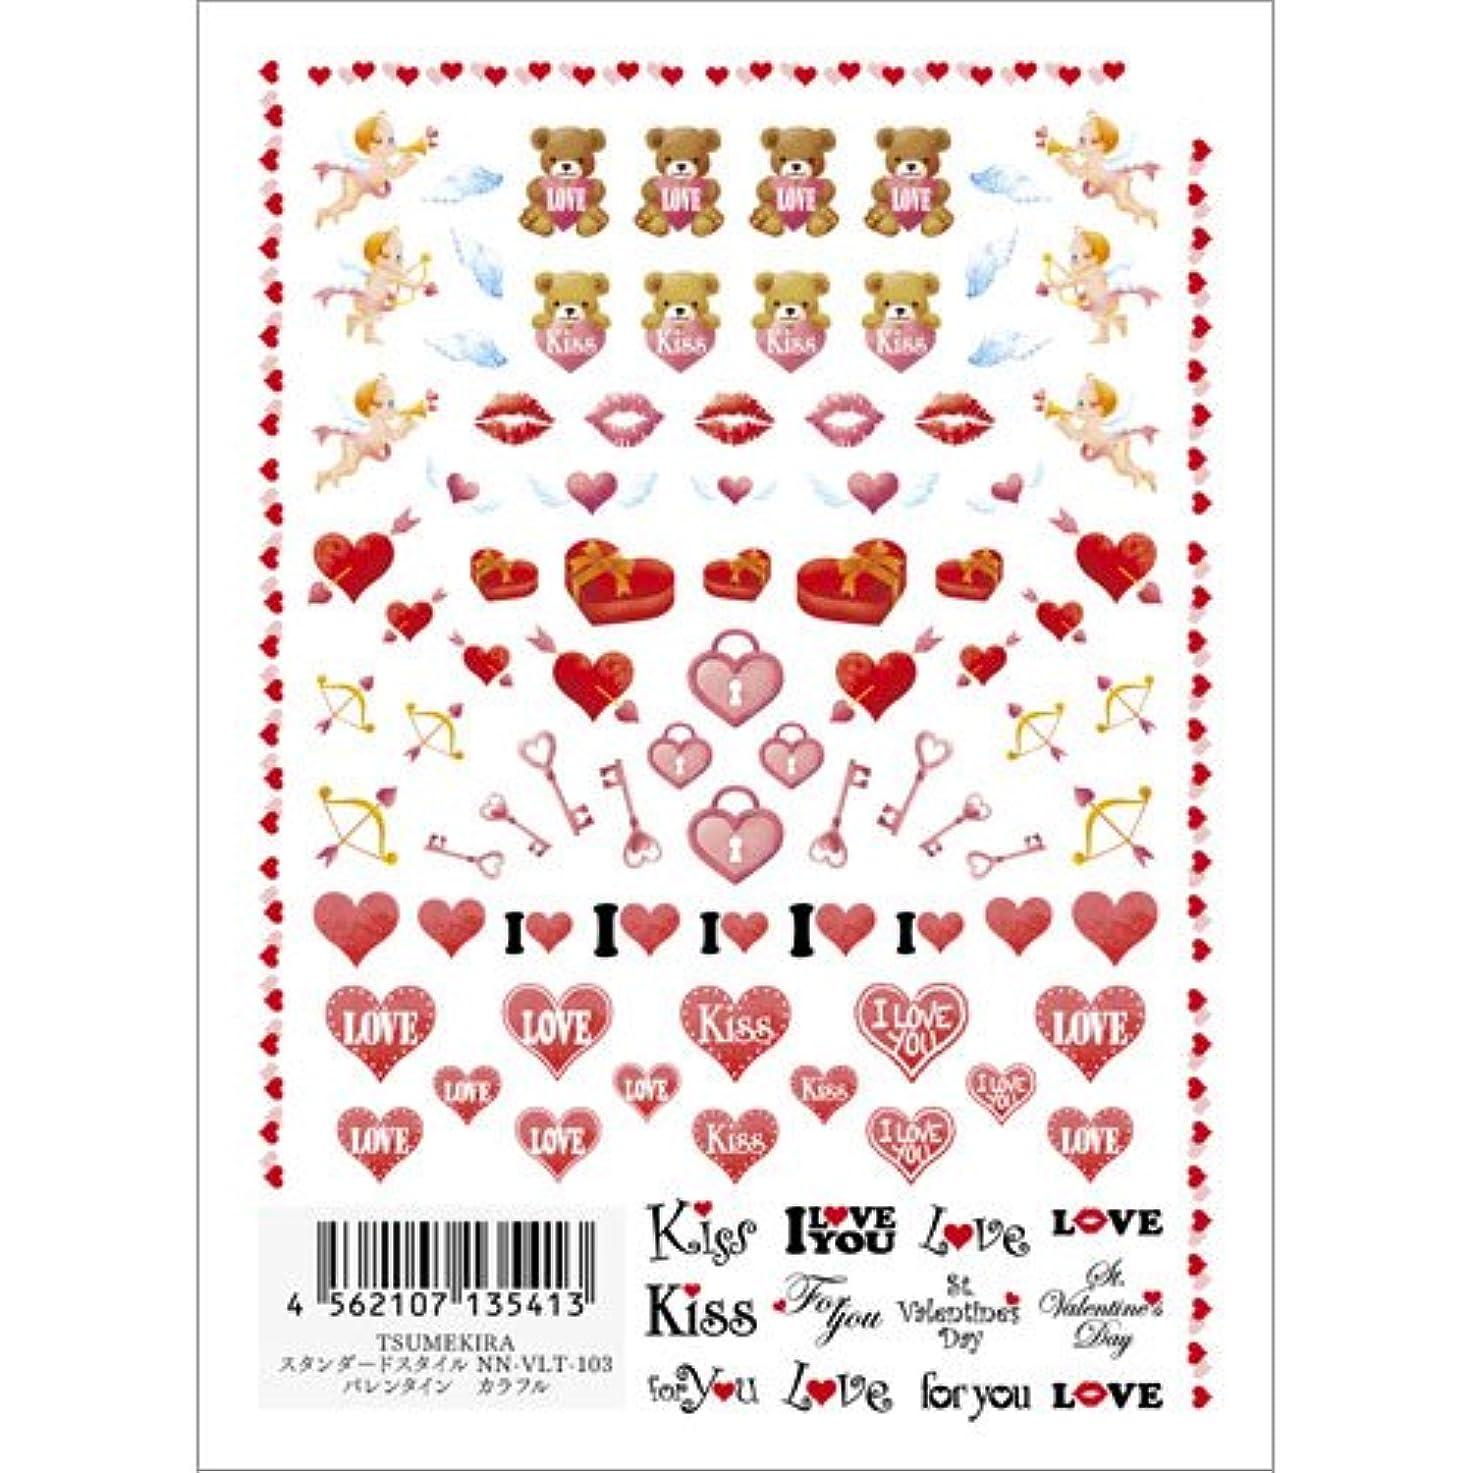 日帰り旅行に男性ひばりツメキラ ネイル用シール スタンダードスタイル バレンタイン カラフル